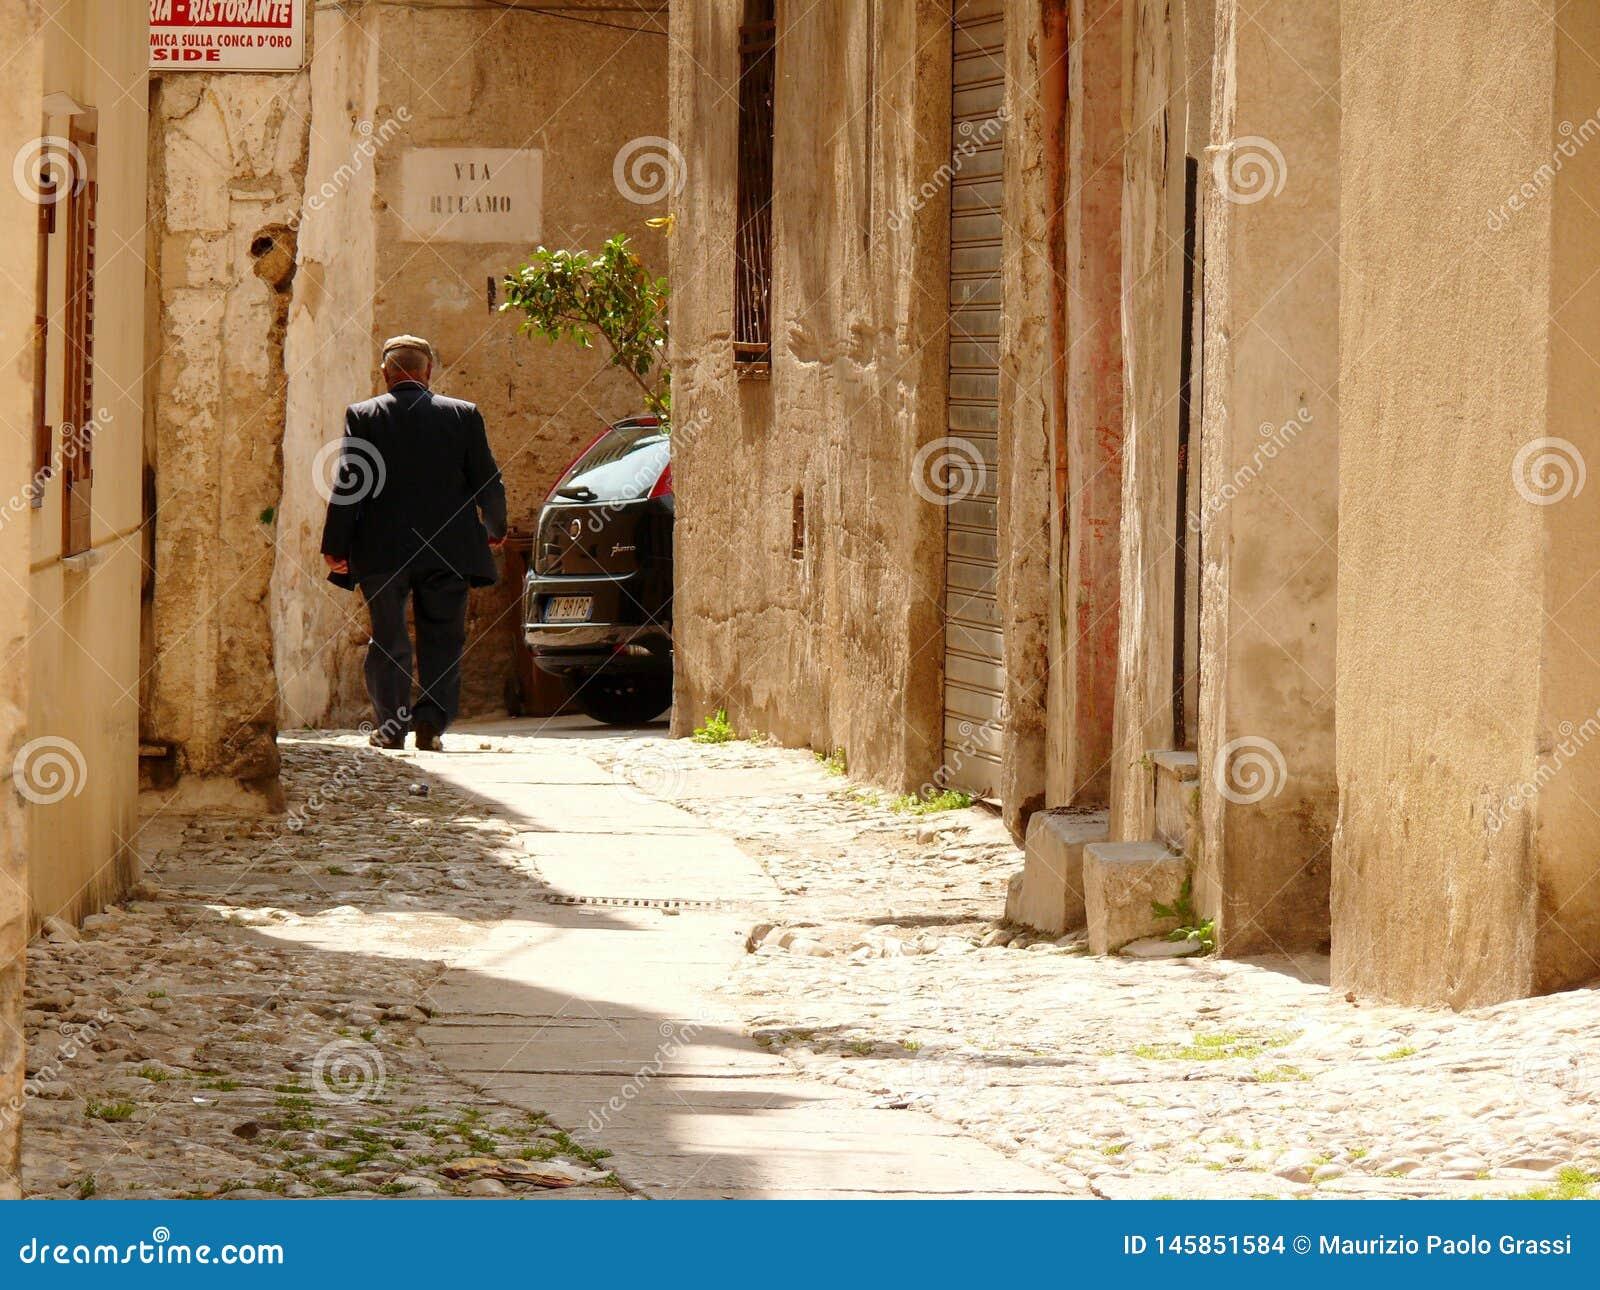 Παλέρμο, Σικελία, Ιταλία 11/04/2010 Σισιλιάνοι περίπατοι σε έναν μικρό